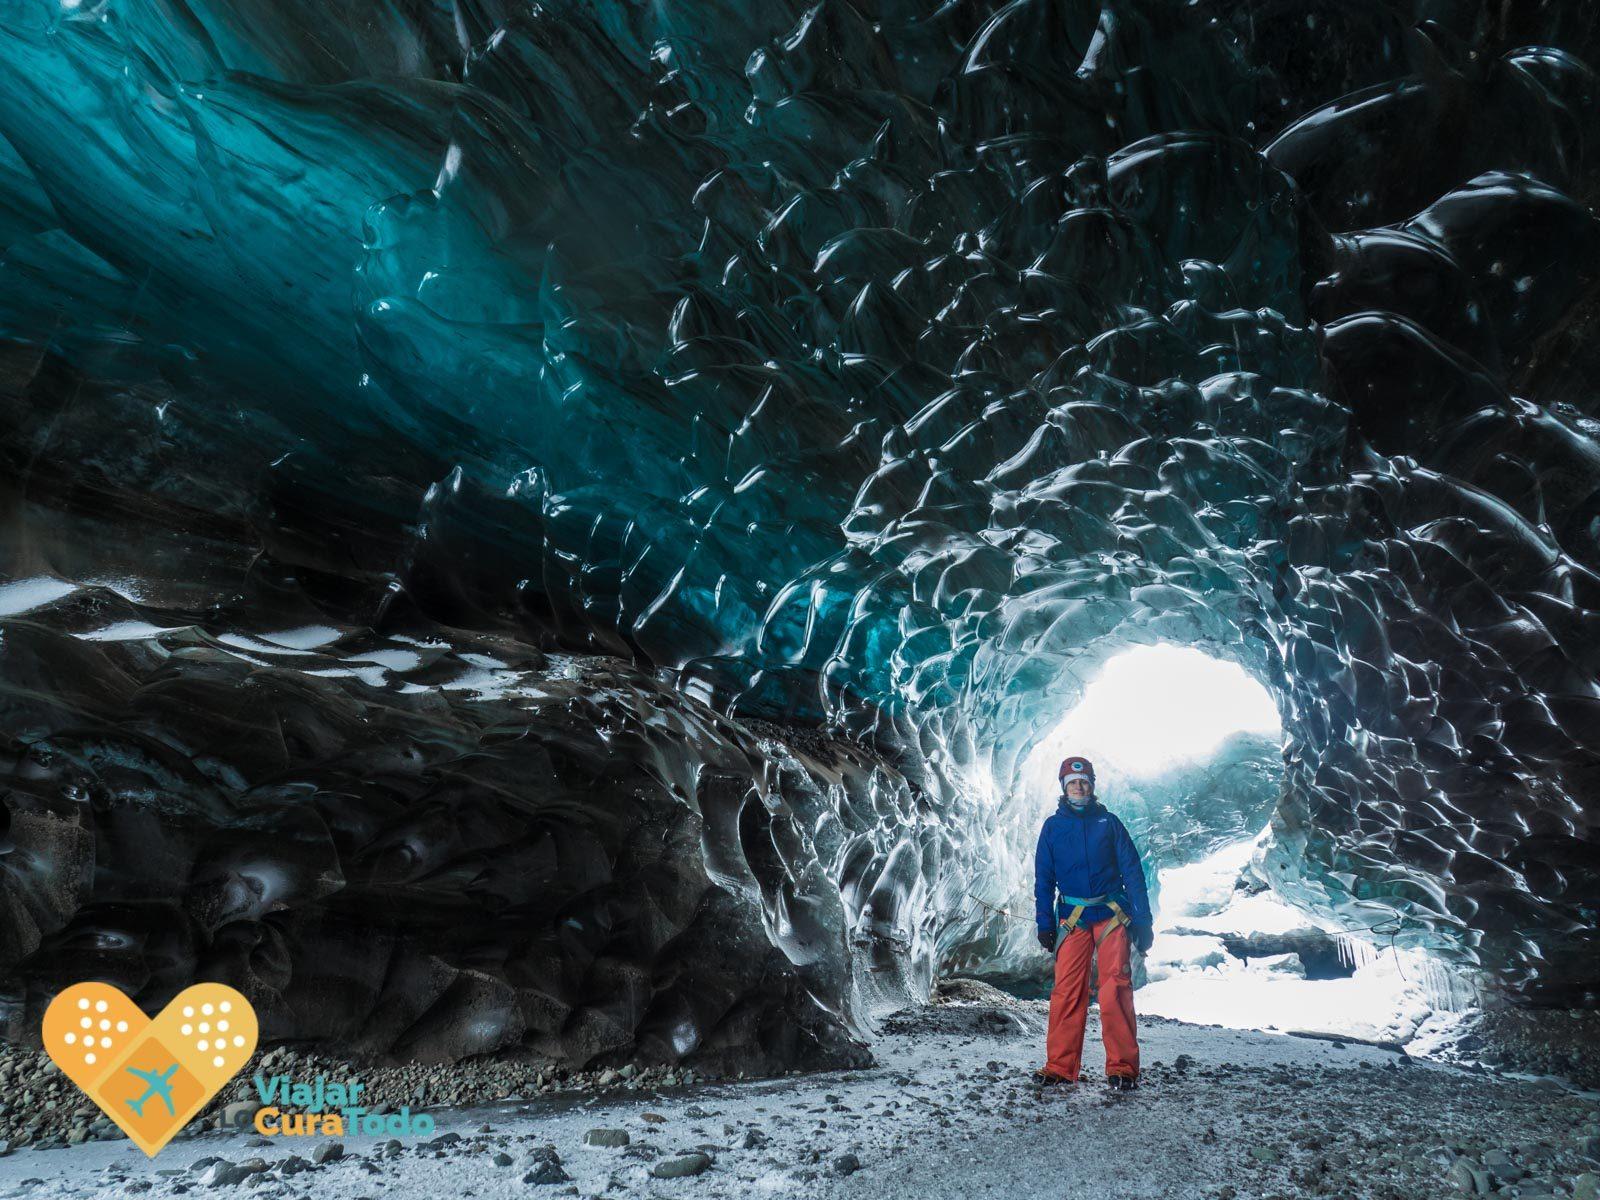 Excursión a las cuevas de hielo de Islandia